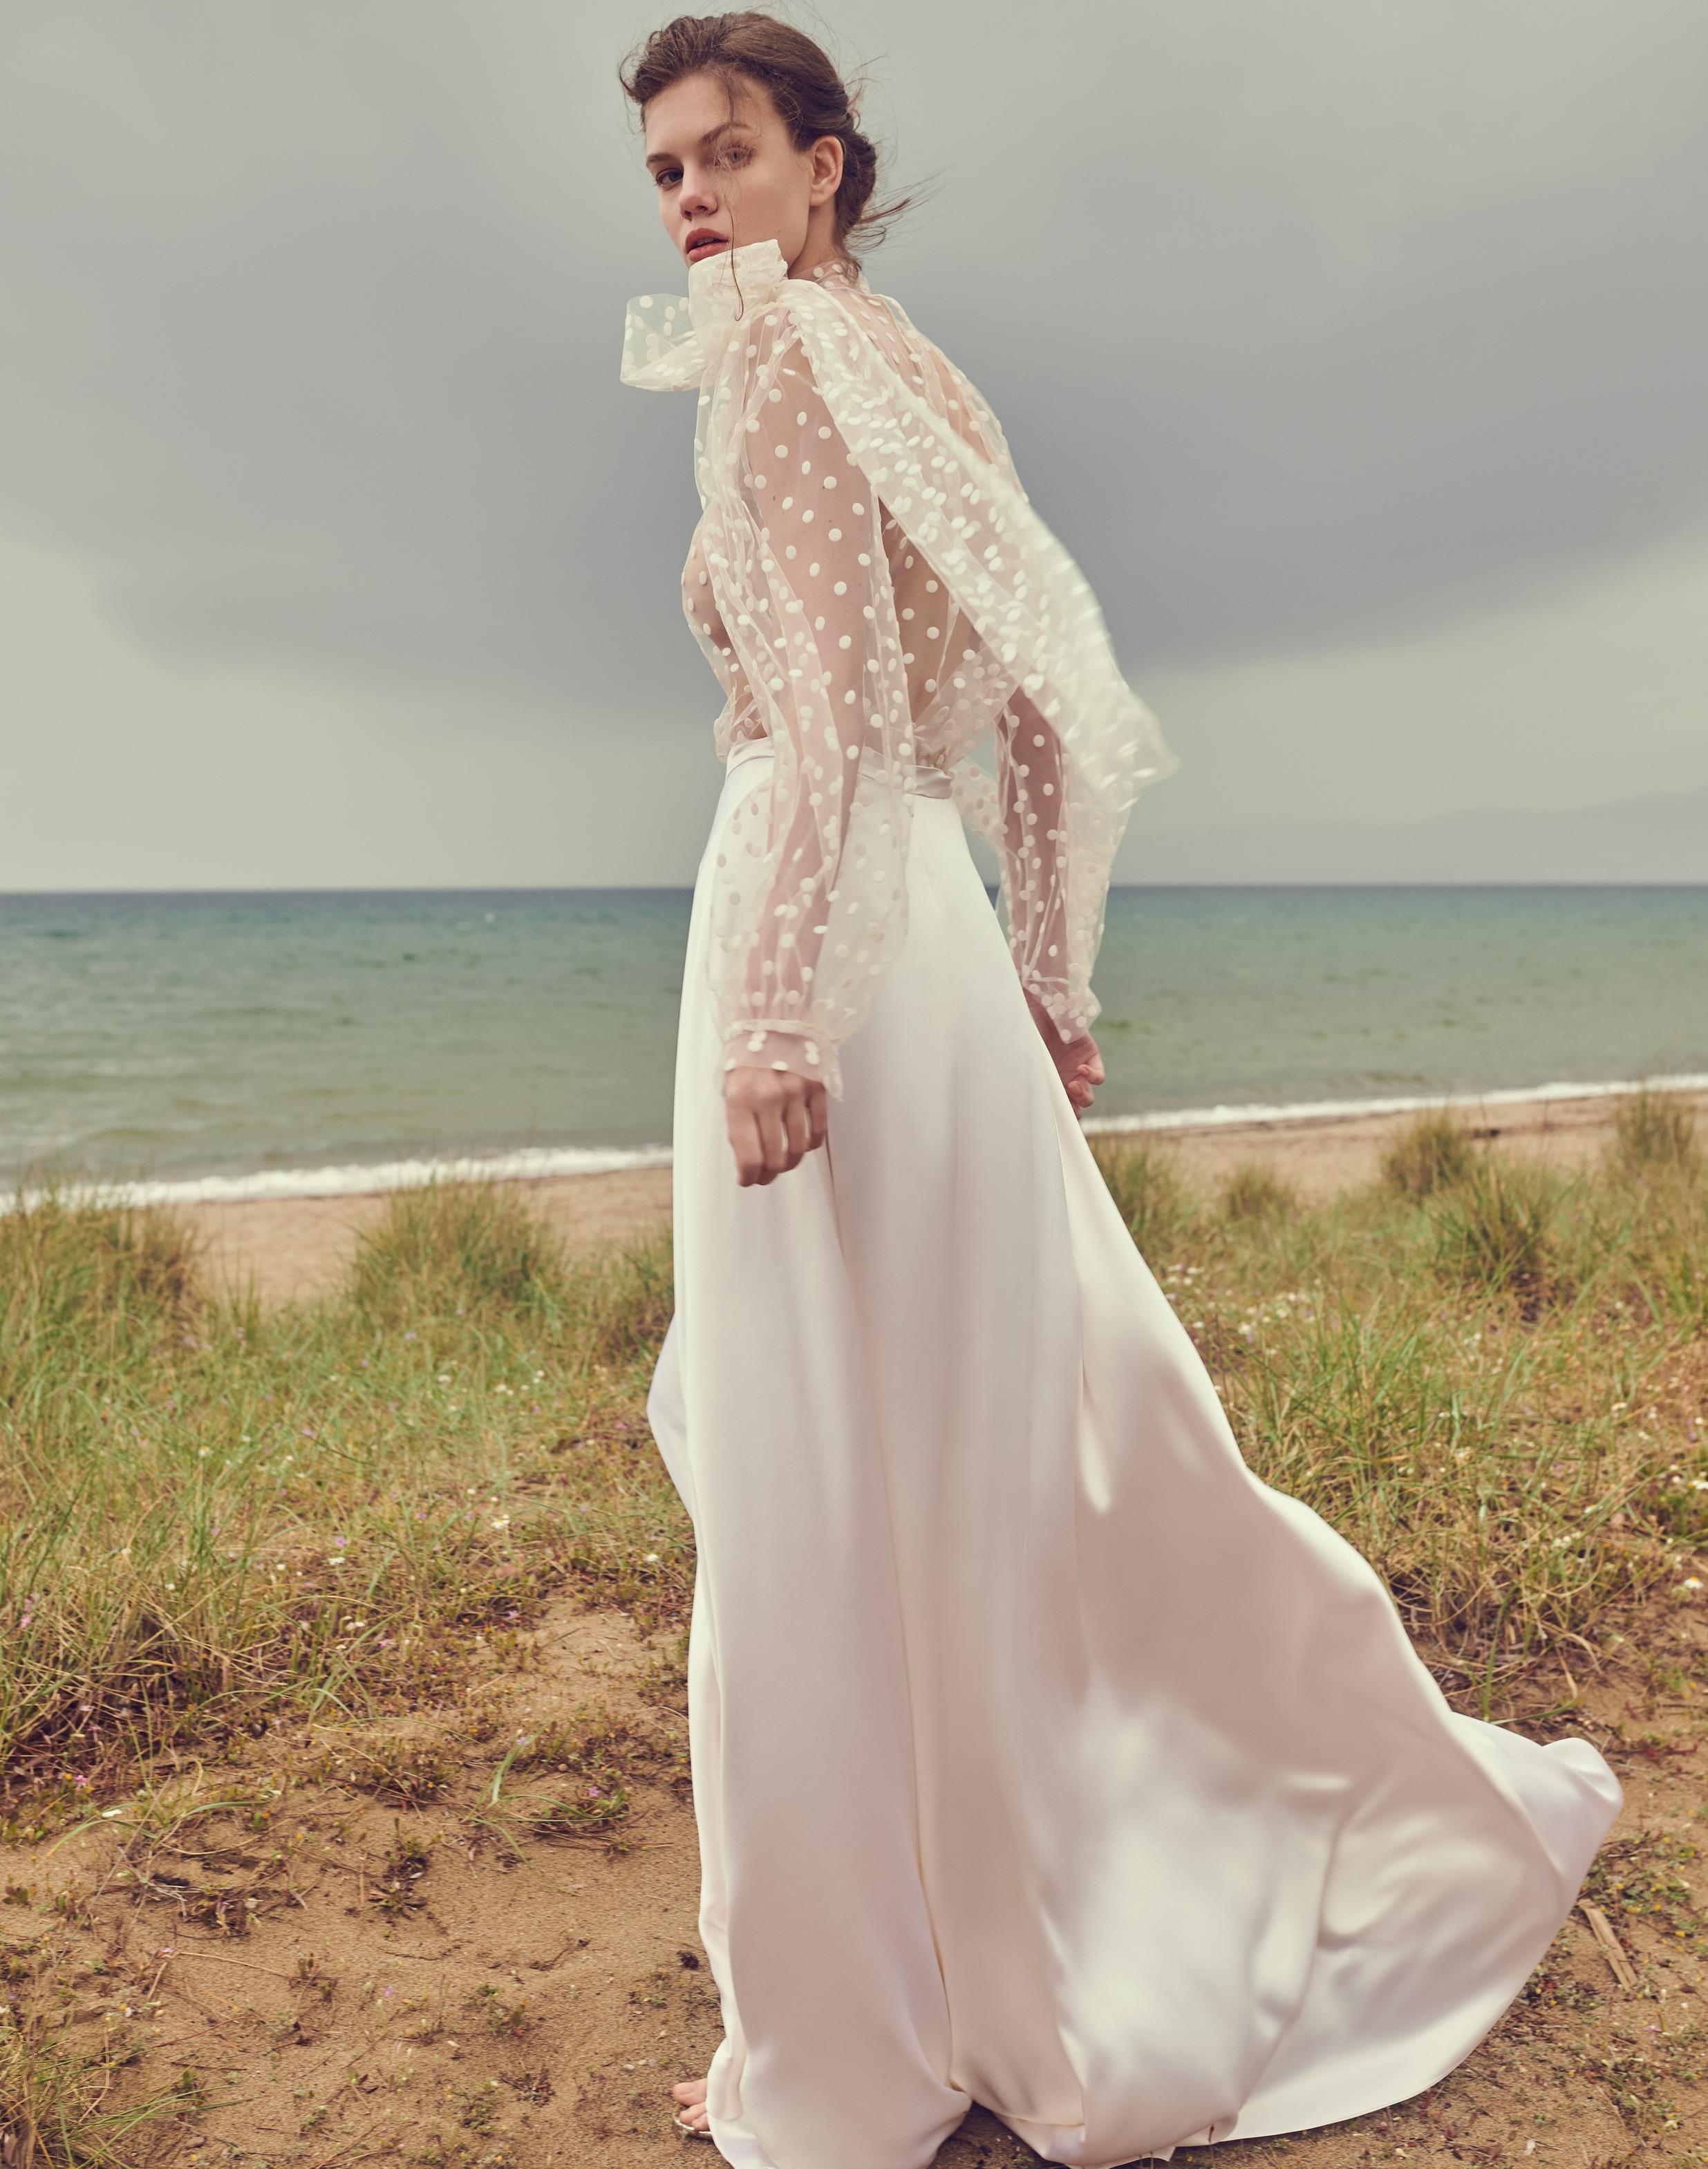 Váy cưới chấm bi xuyên thấu của Costarellos